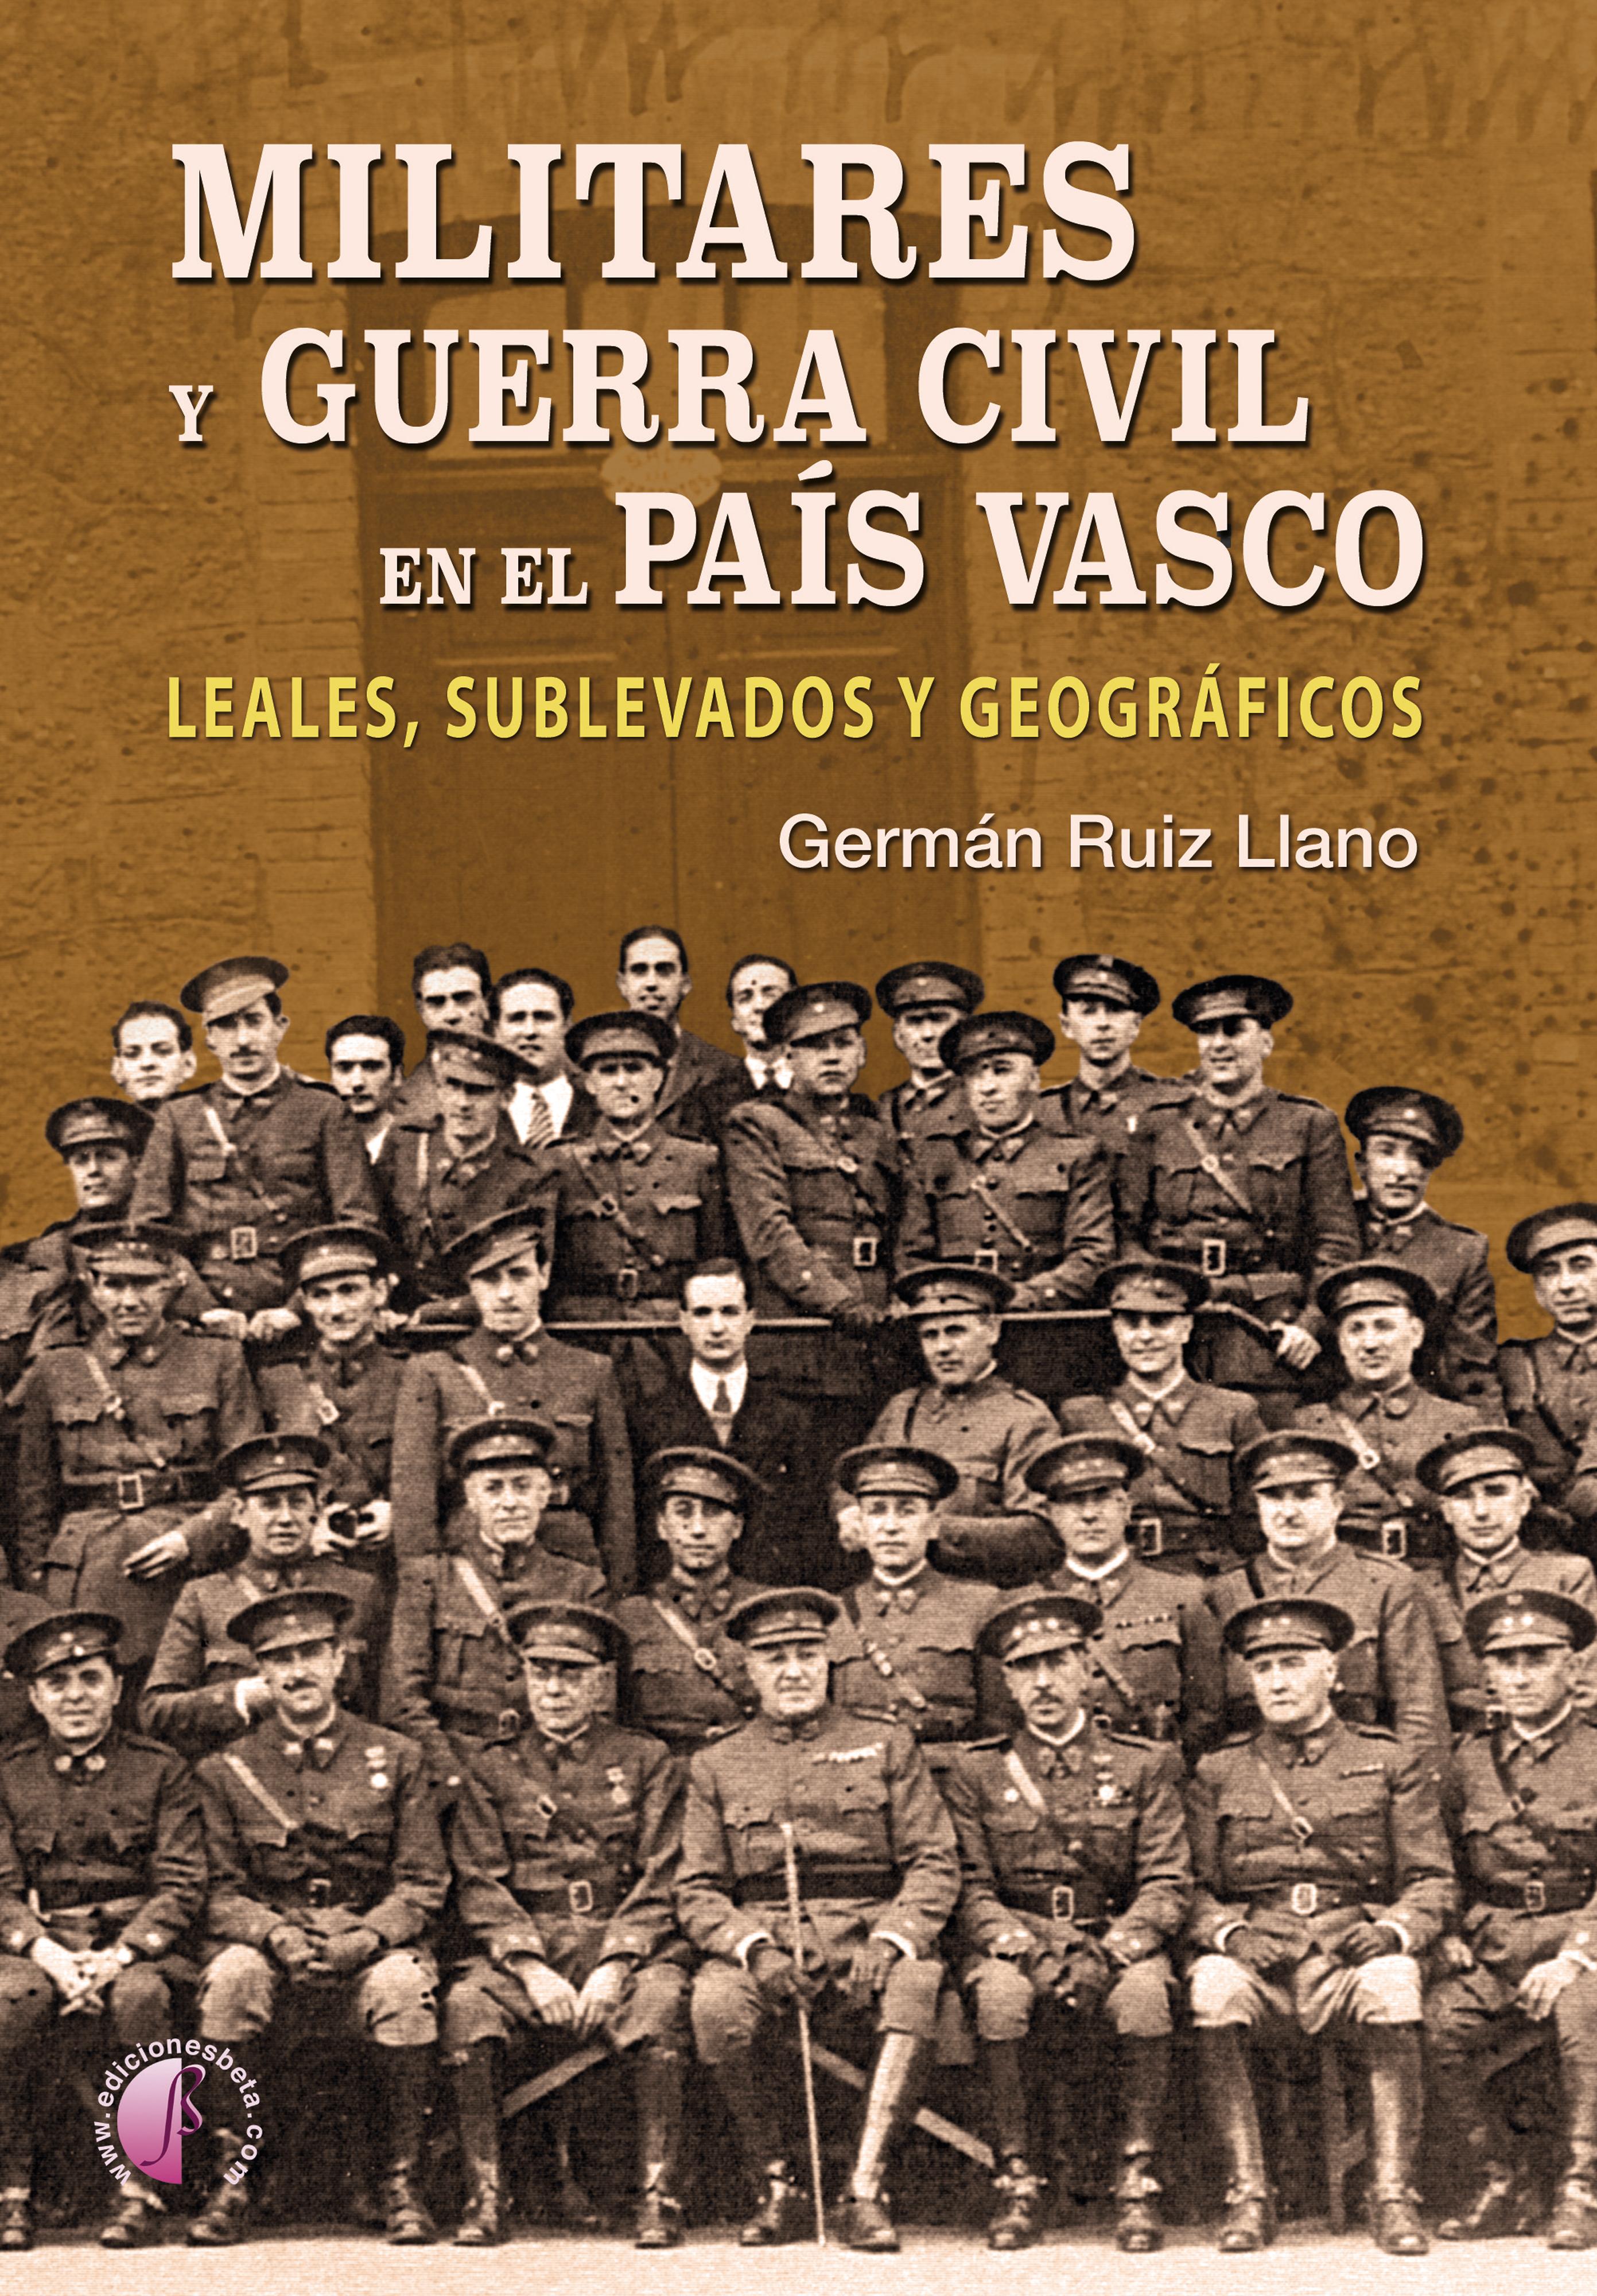 Germán Ruiz Llano Militares y Guerra Civil en el País Vasco juan esteban ugarriza militares y guerrillas